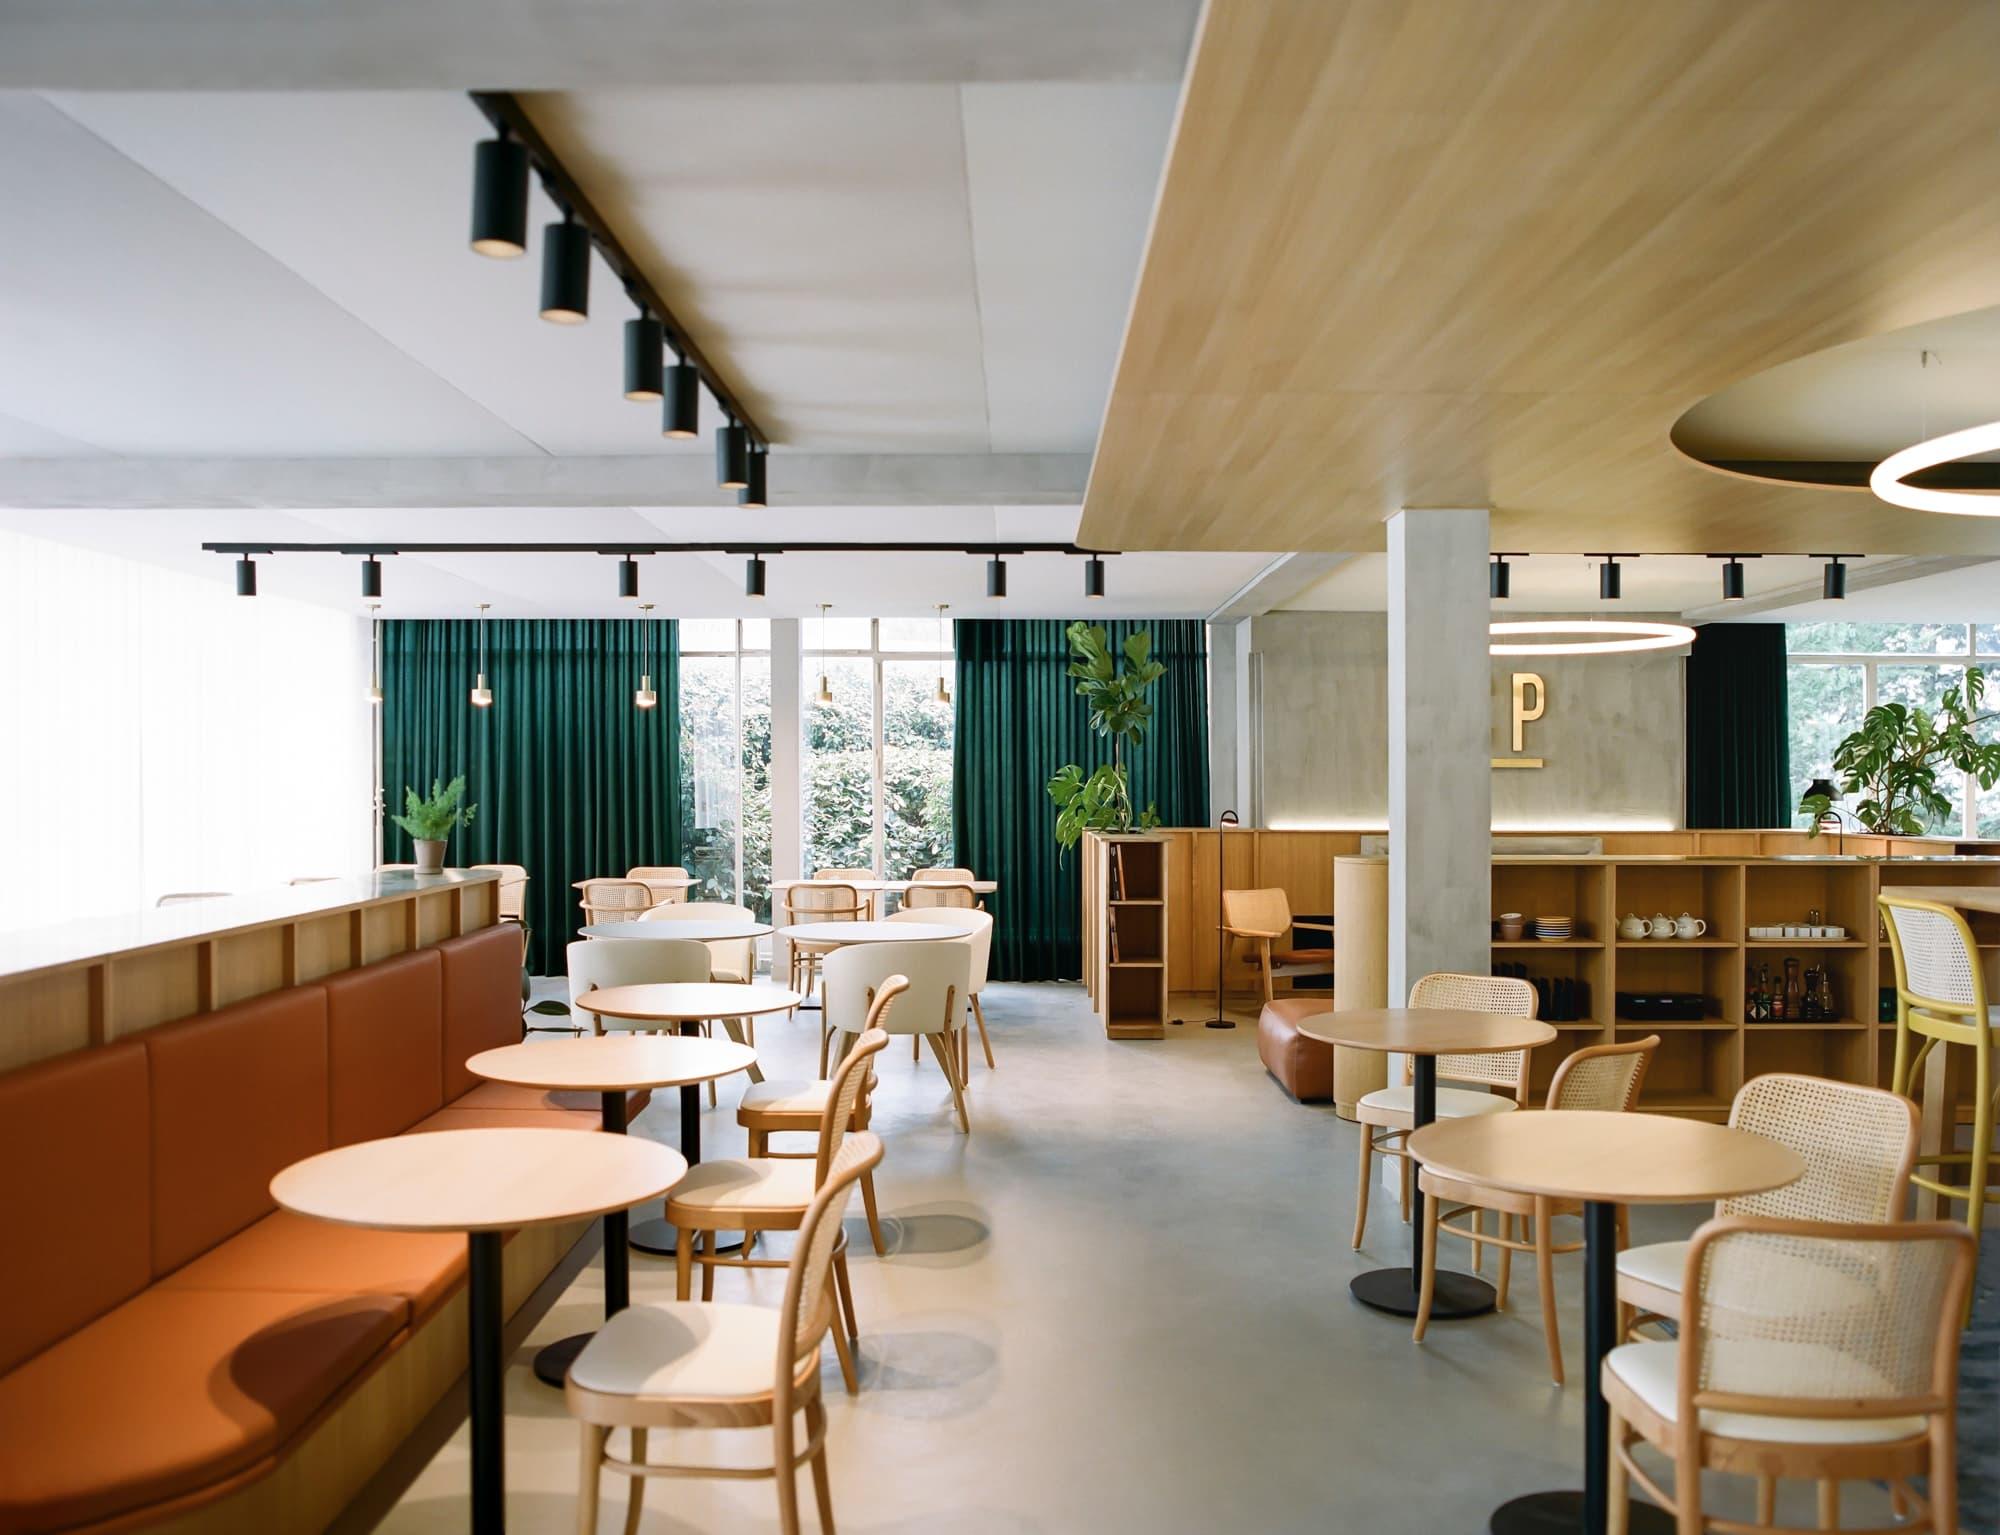 Aménagement de l'espace bar / restaurant du TCP (Tennis Club Parisien)